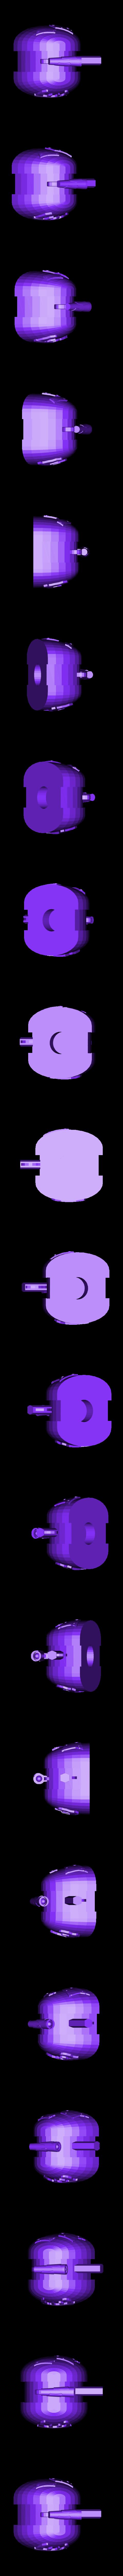 rocket_base.stl Télécharger fichier STL gratuit KustomWagon (en plusieurs pièces) • Objet imprimable en 3D, Savex